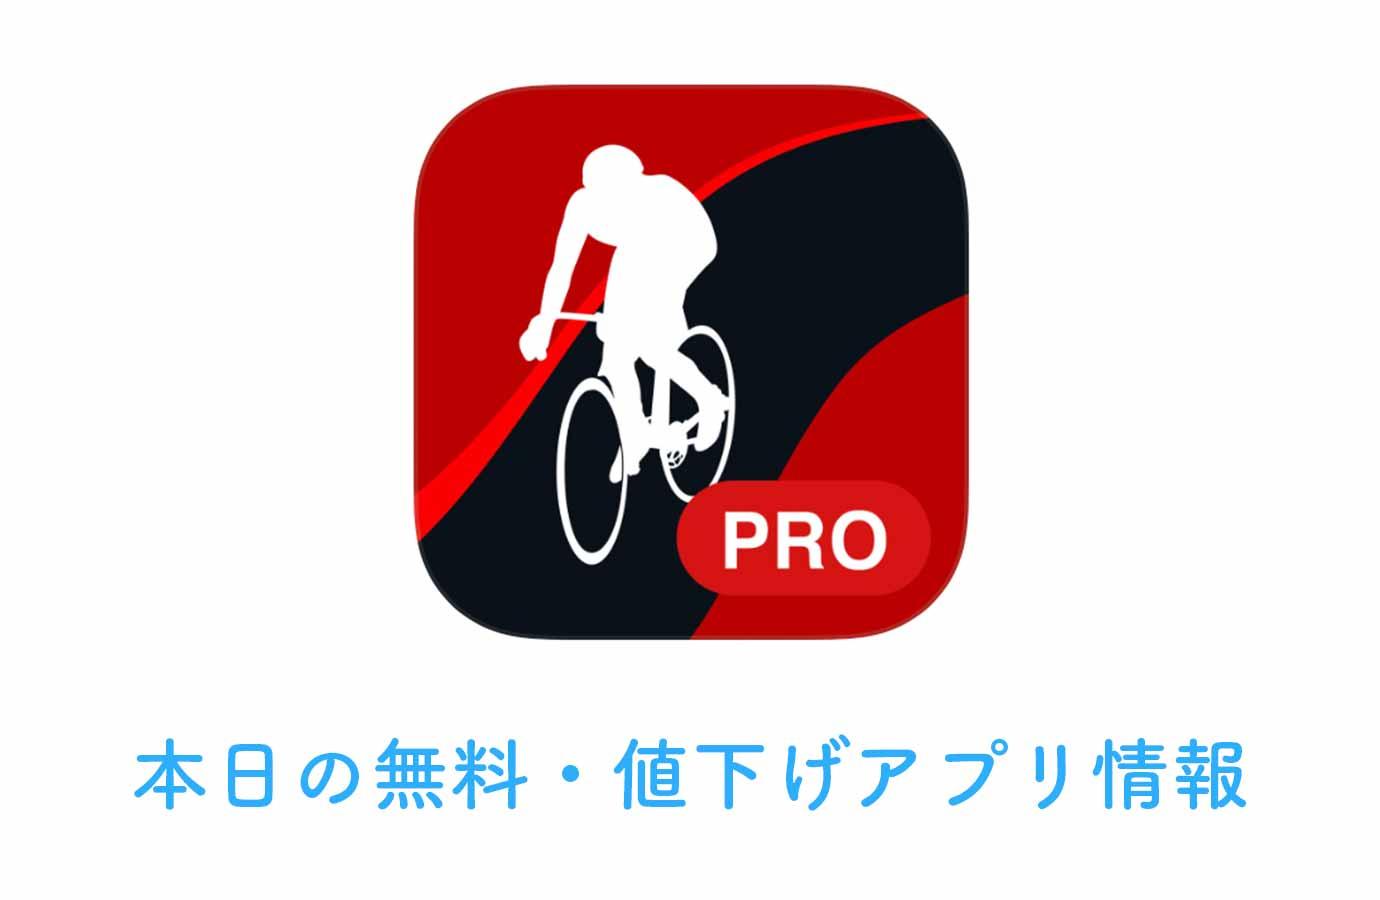 600円→無料、サイクリングサポートアプリ「Runtastic Road Bike PRO」など【5/6】本日の無料・値下げアプリ情報